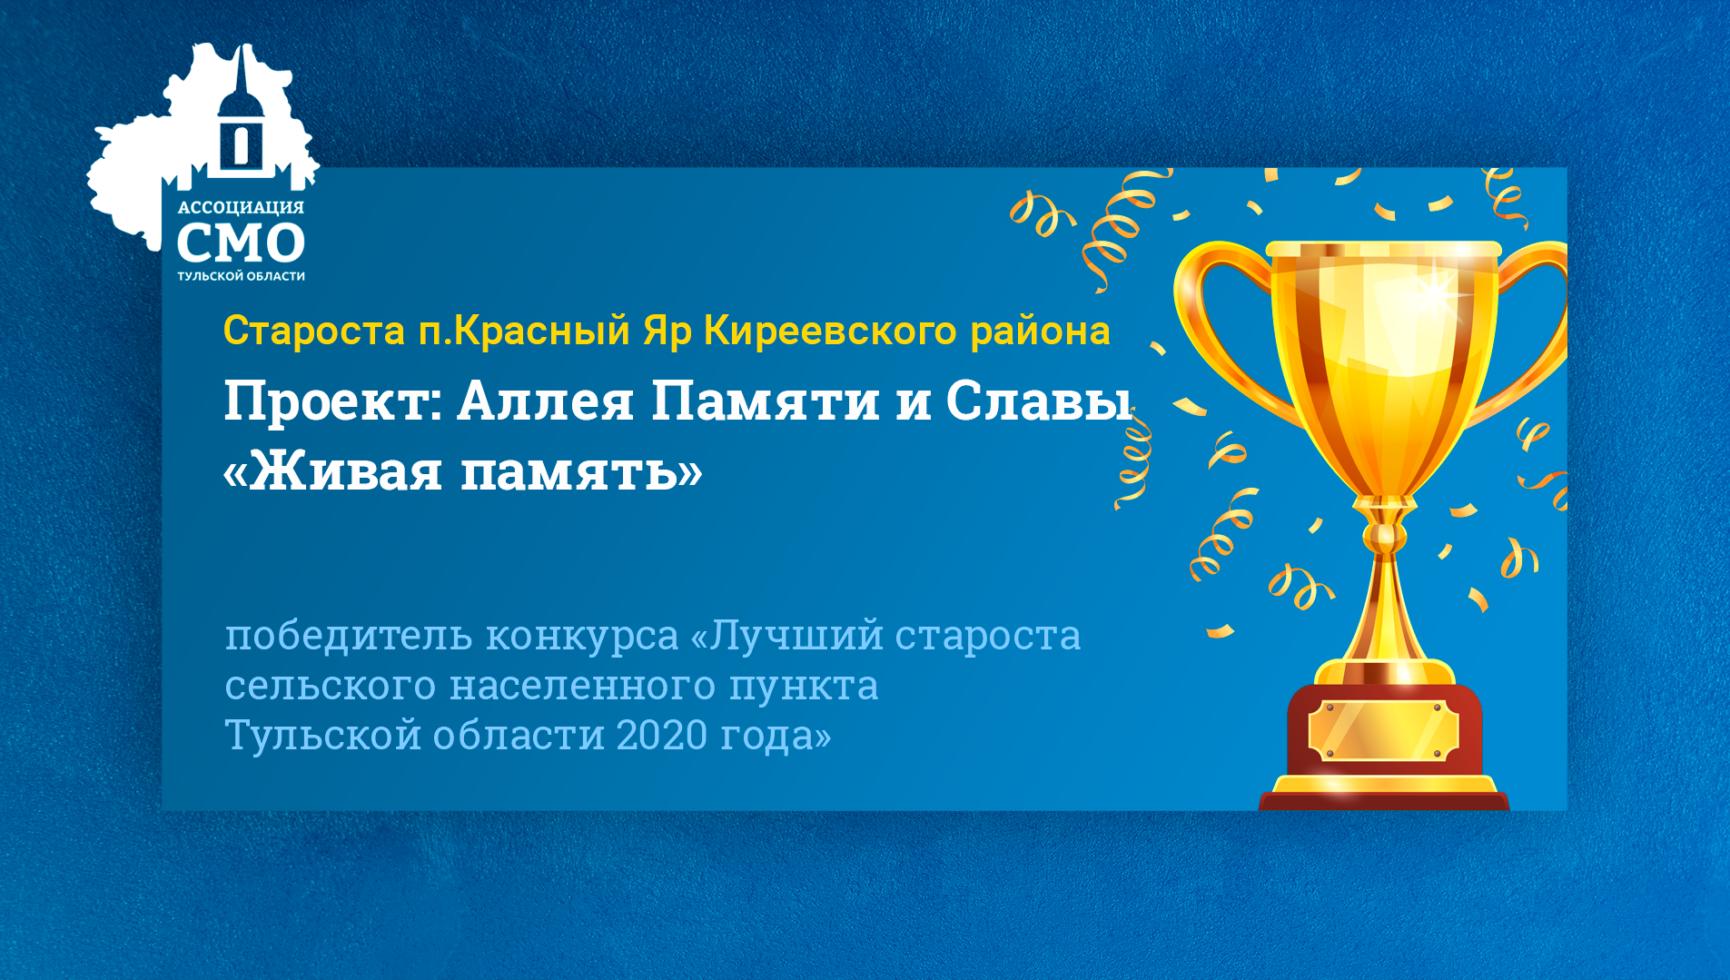 Проект: Аллея Памяти и Славы «Живая память»